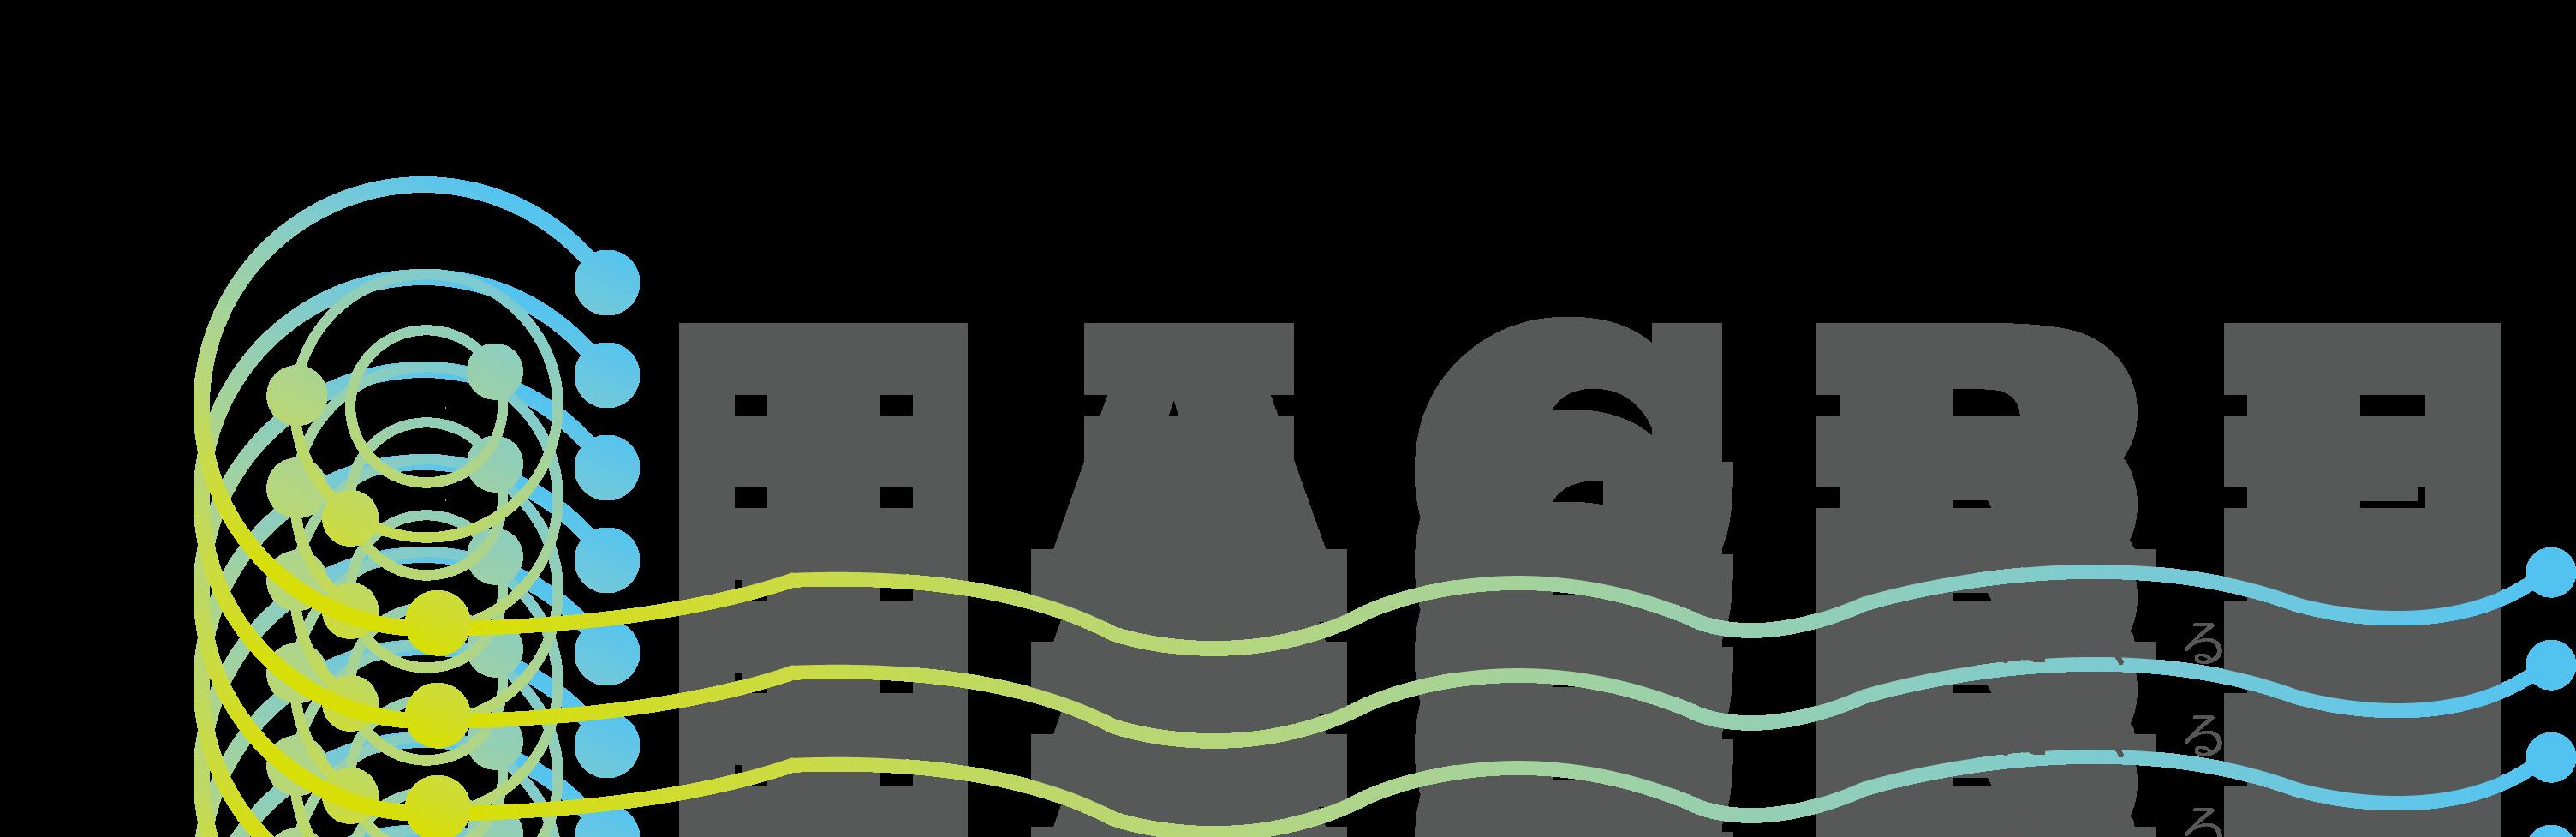 株式会社TAGRE ロゴ